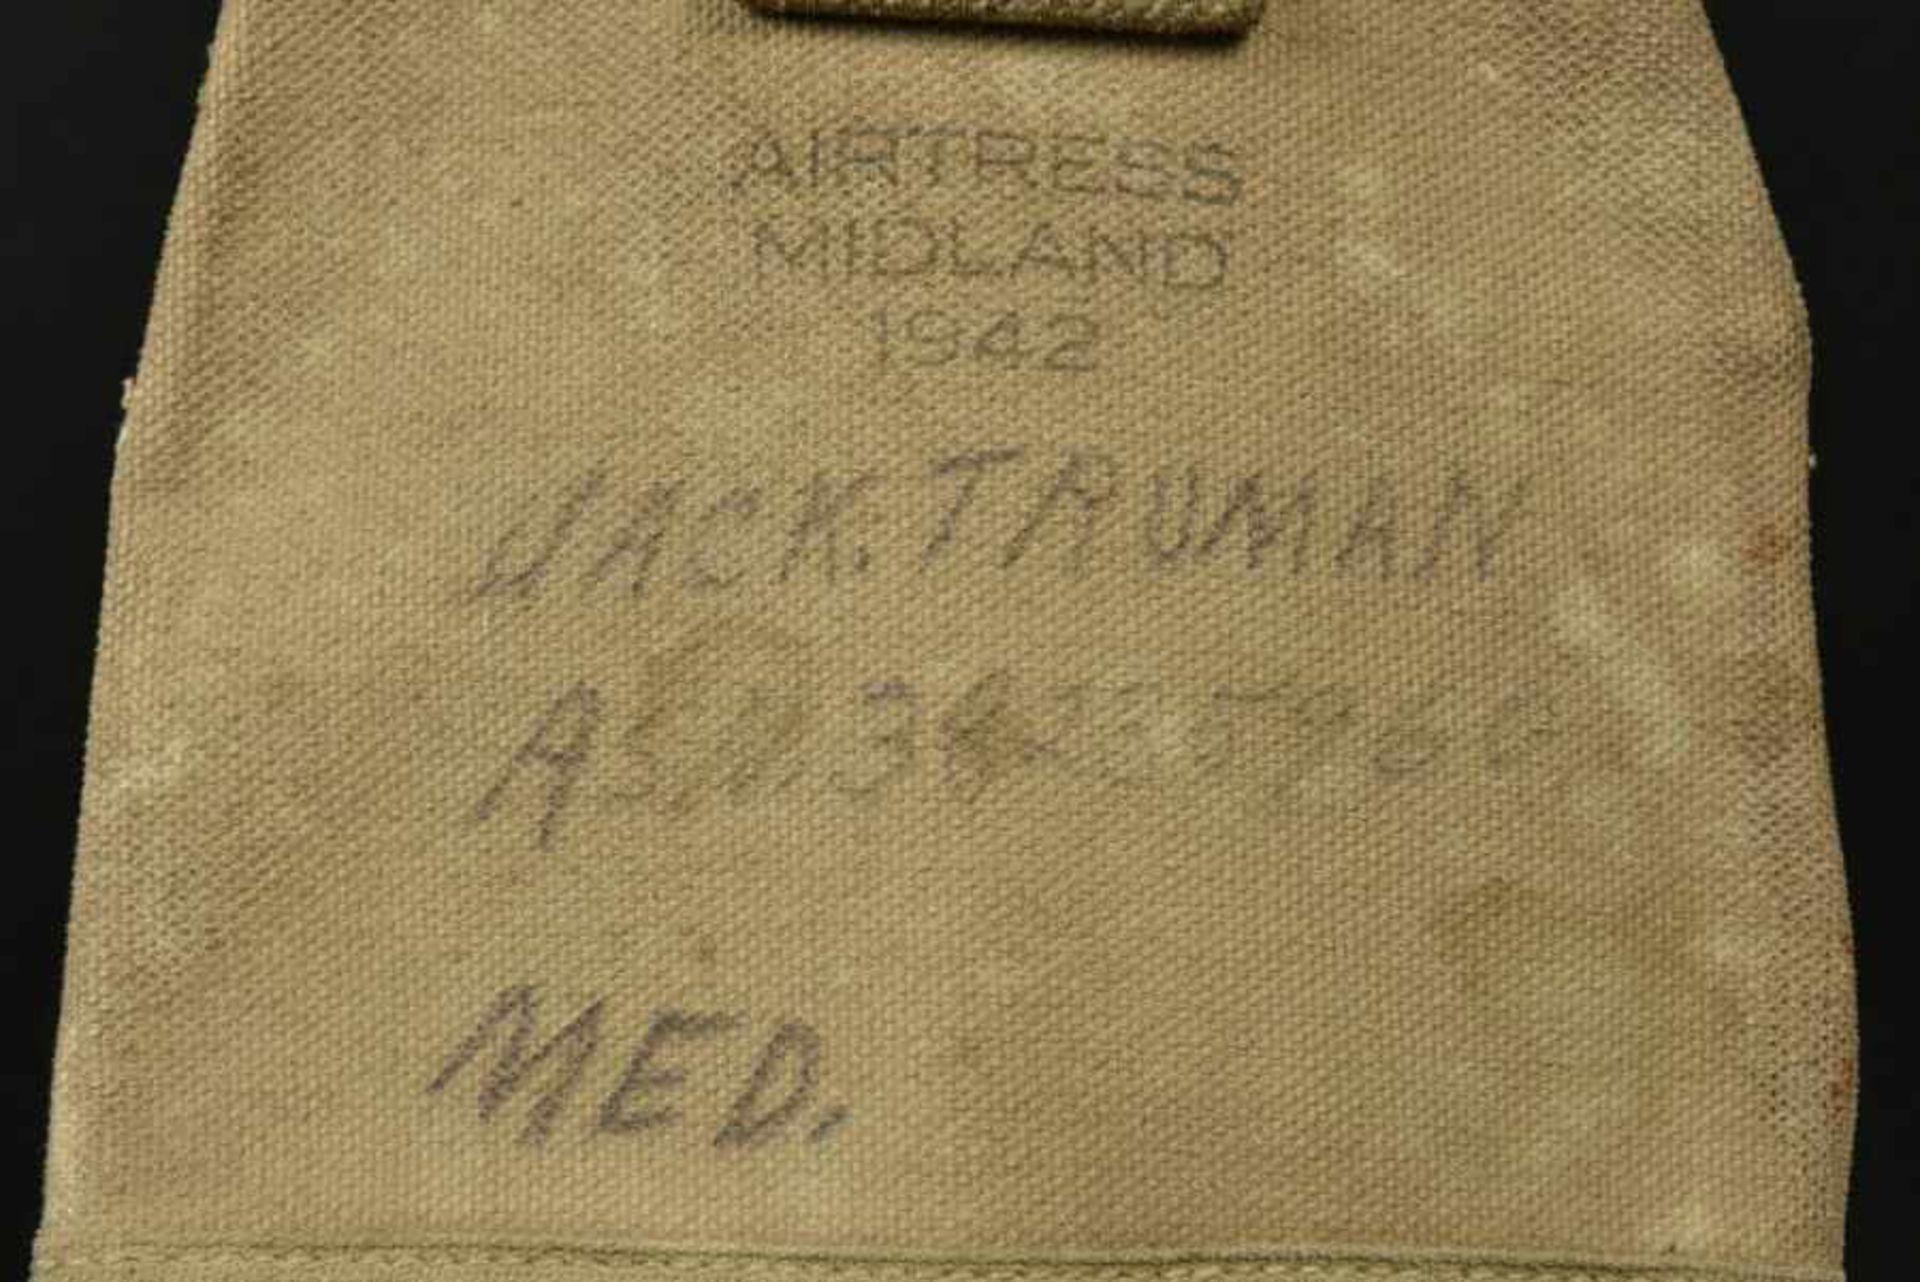 Pelle de l'infirmier parachutiste Jack Truman. Shovel belonging to paratrooper medic Jack - Bild 3 aus 4